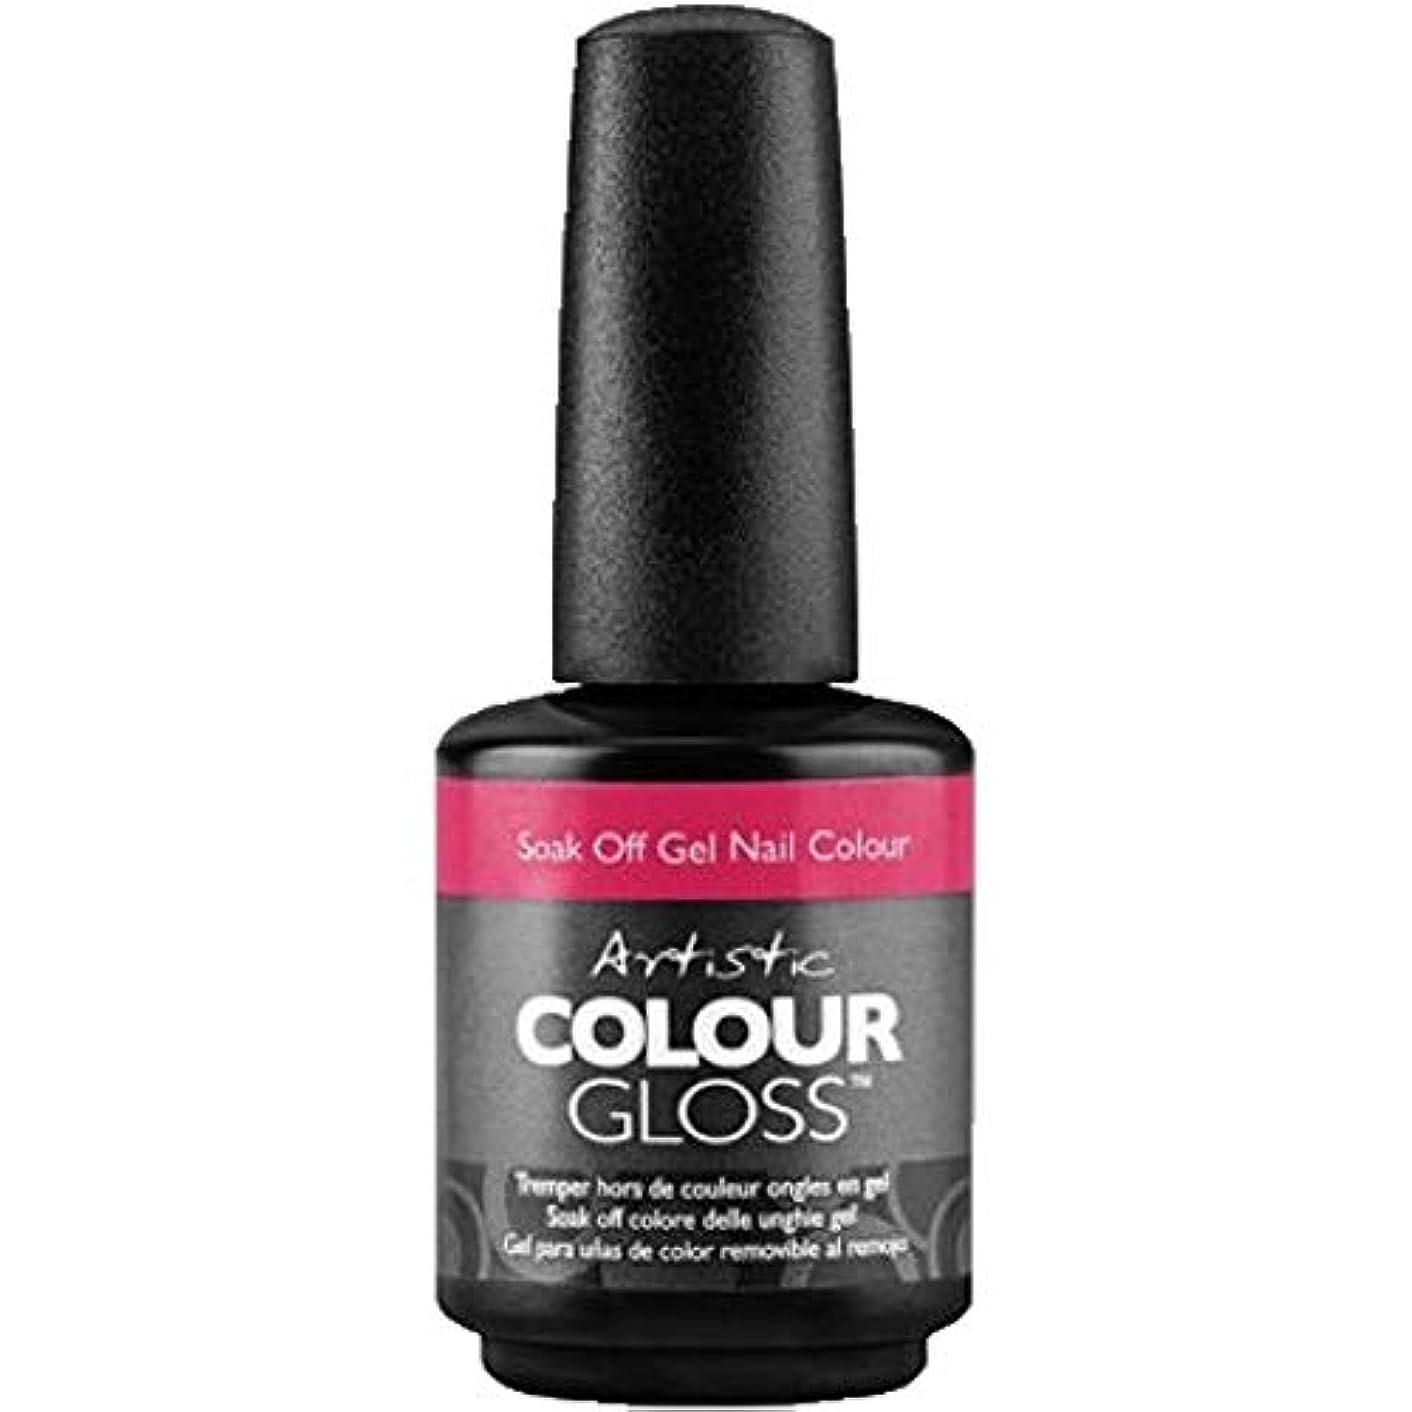 特別な機械討論Artistic Colour Gloss - Get Your Own Man-i - 0.5oz / 15ml